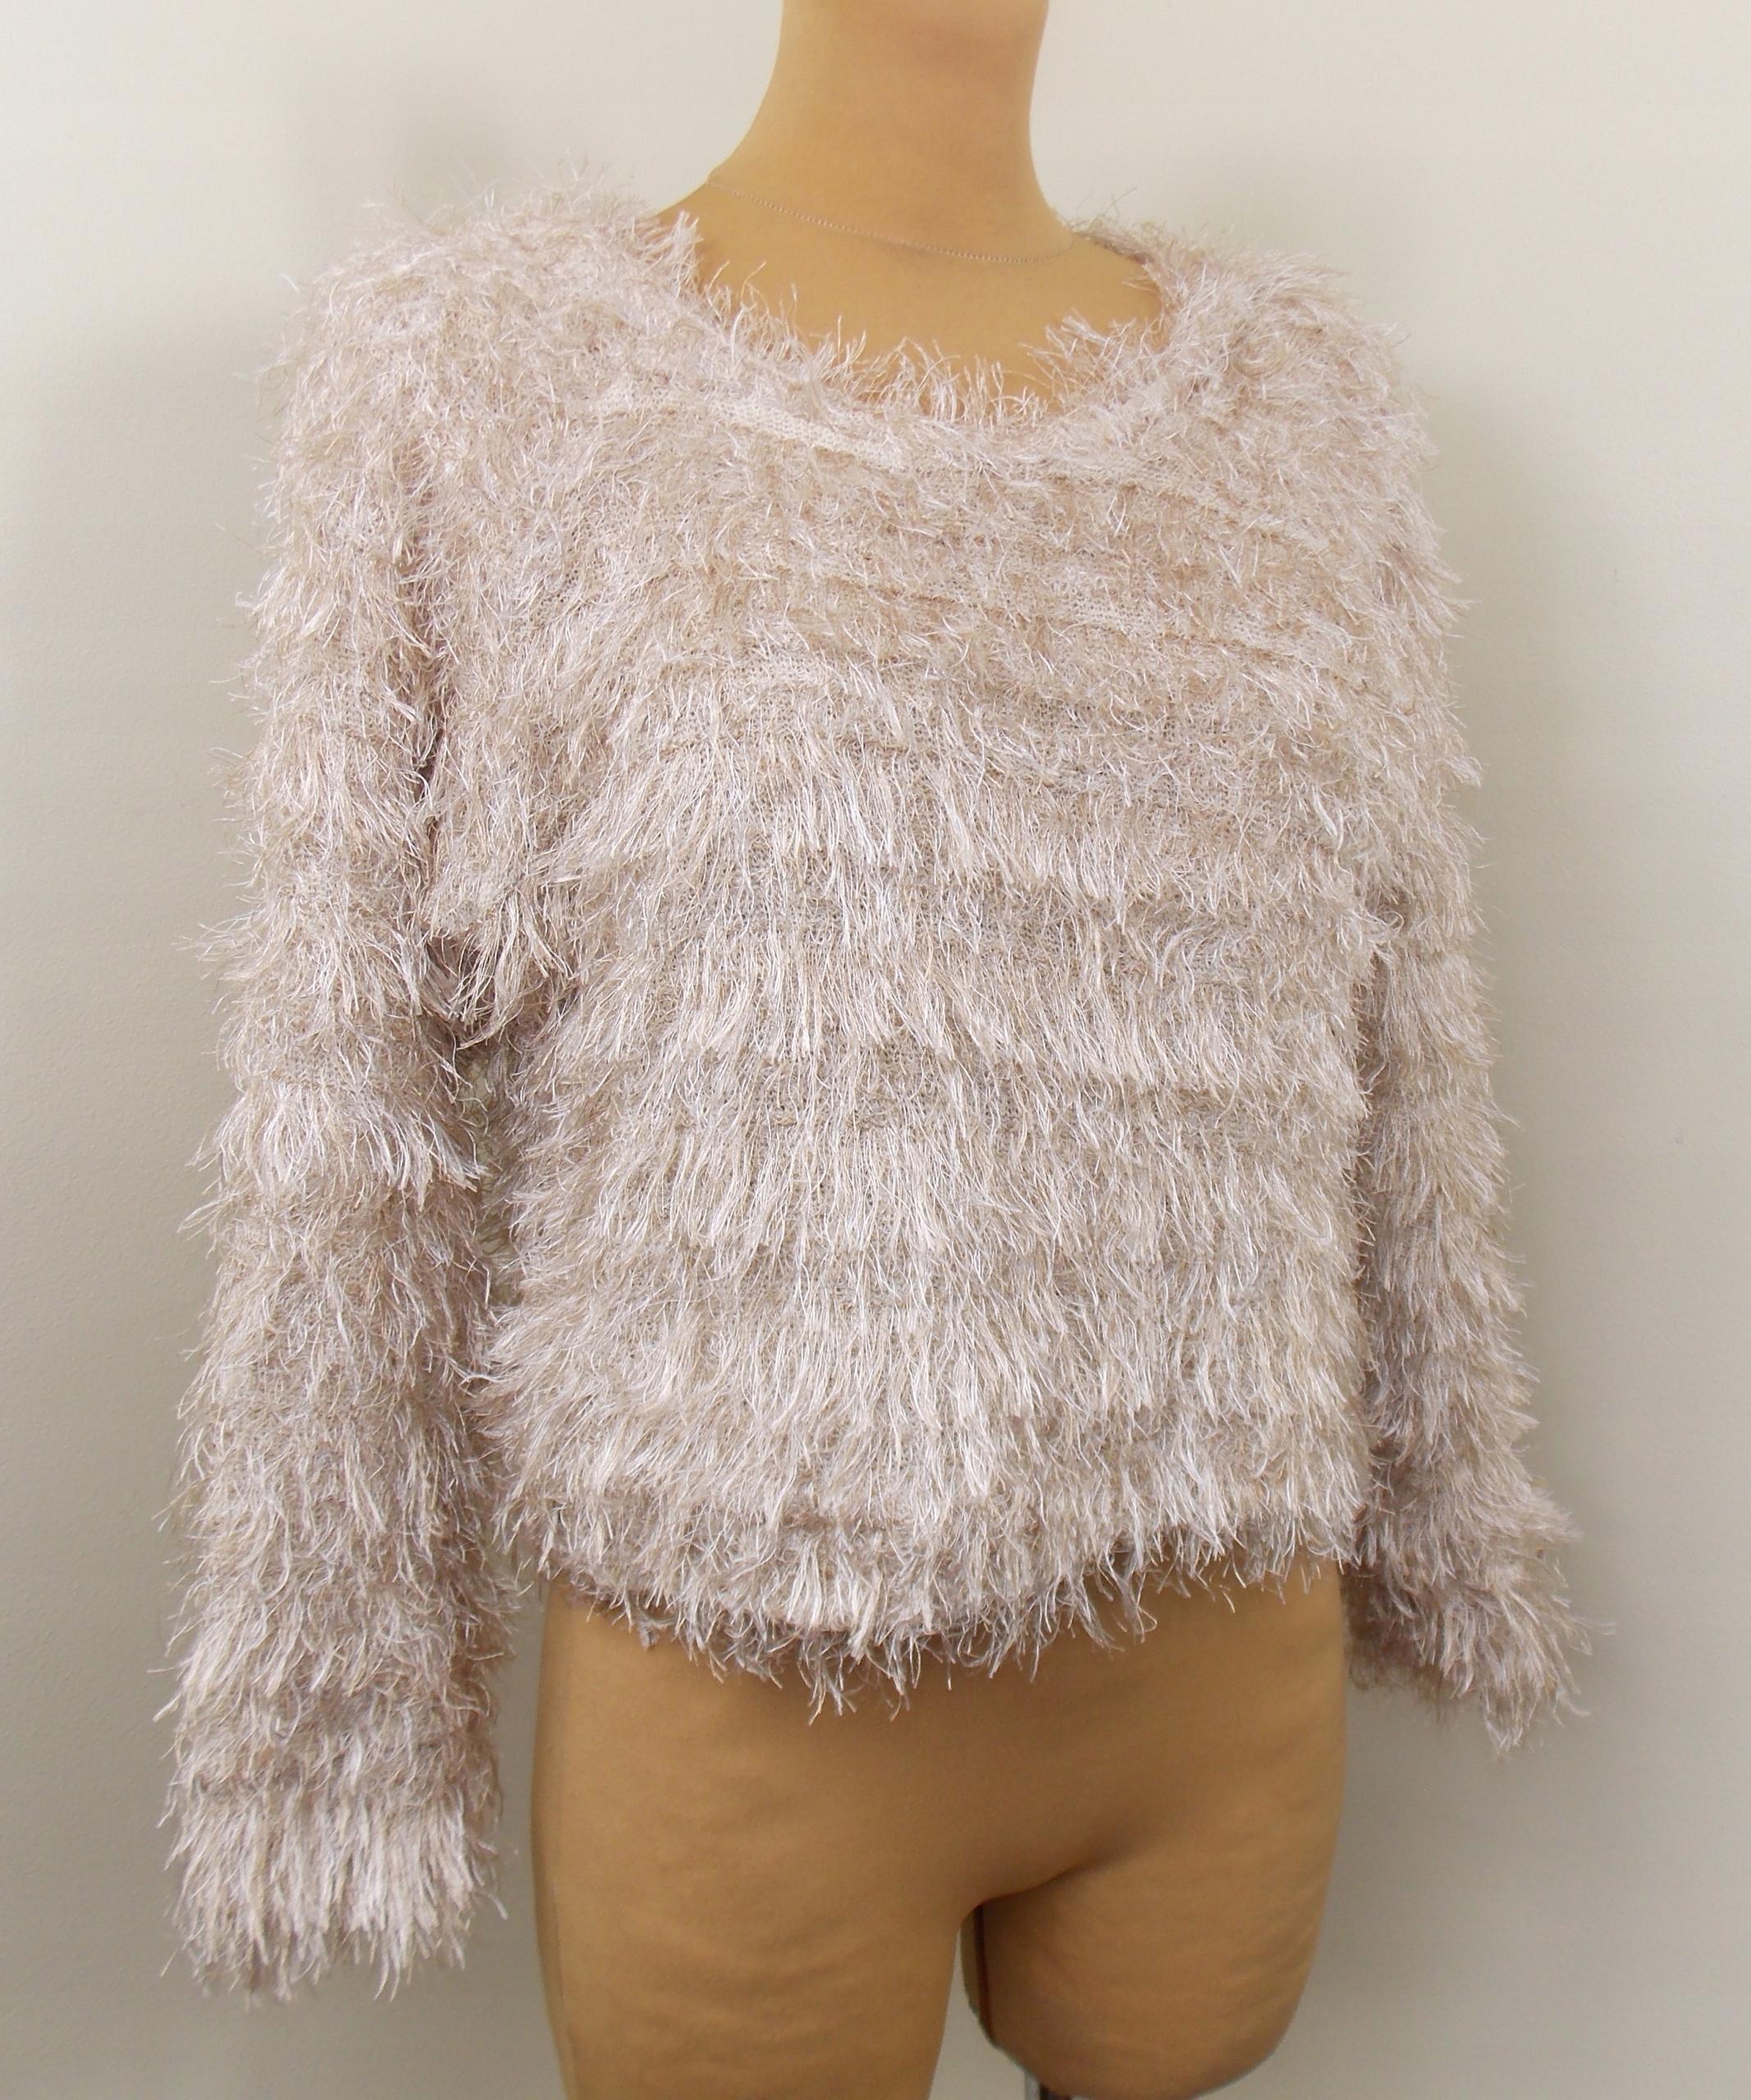 sweter futrzak ATMOSPHERE miękki nude krótki 38 40